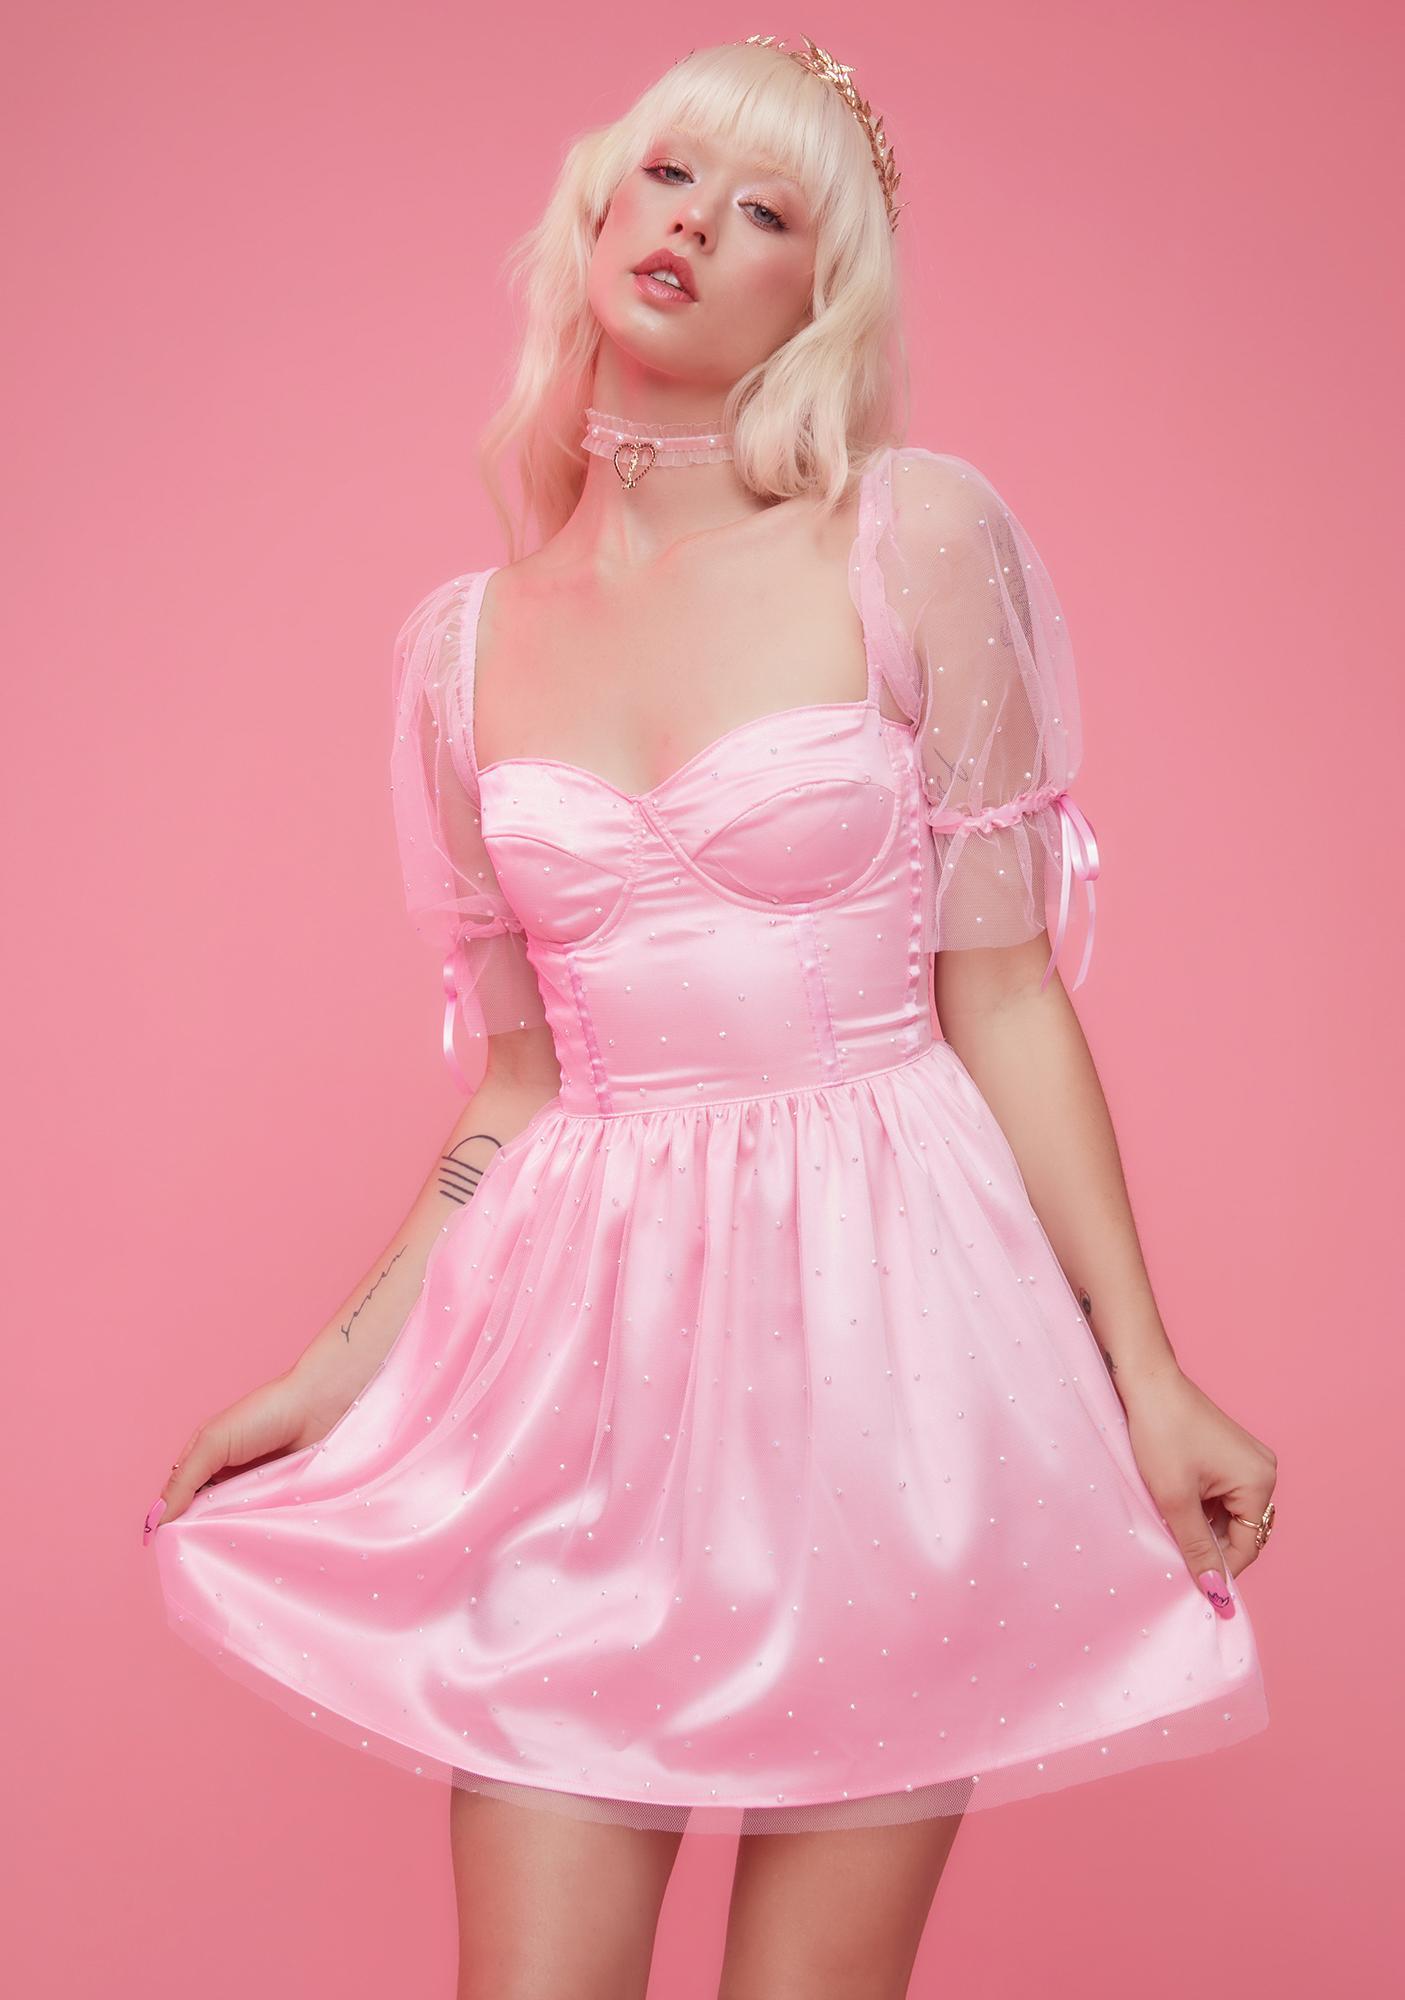 Sugar Thrillz Pure Bliss Rhinestone Babydoll Dress